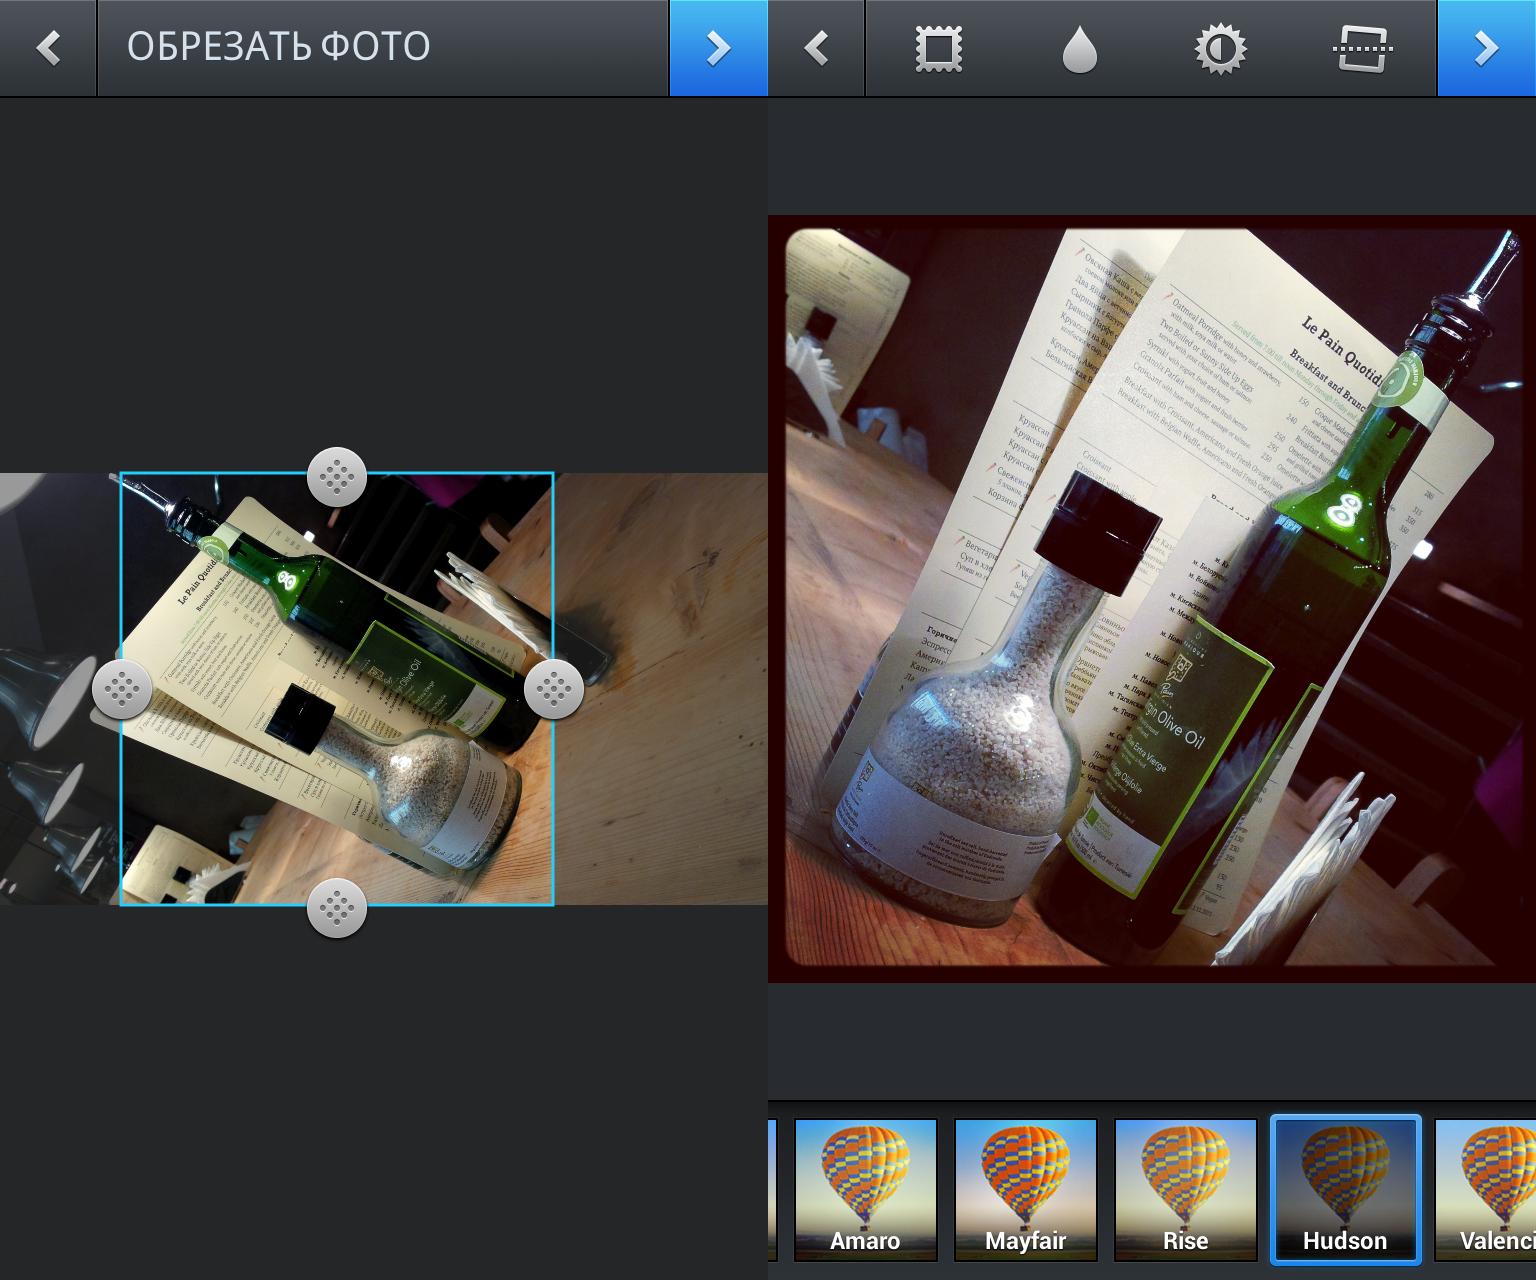 Что делать чтобы не обрезать фото в инстаграм